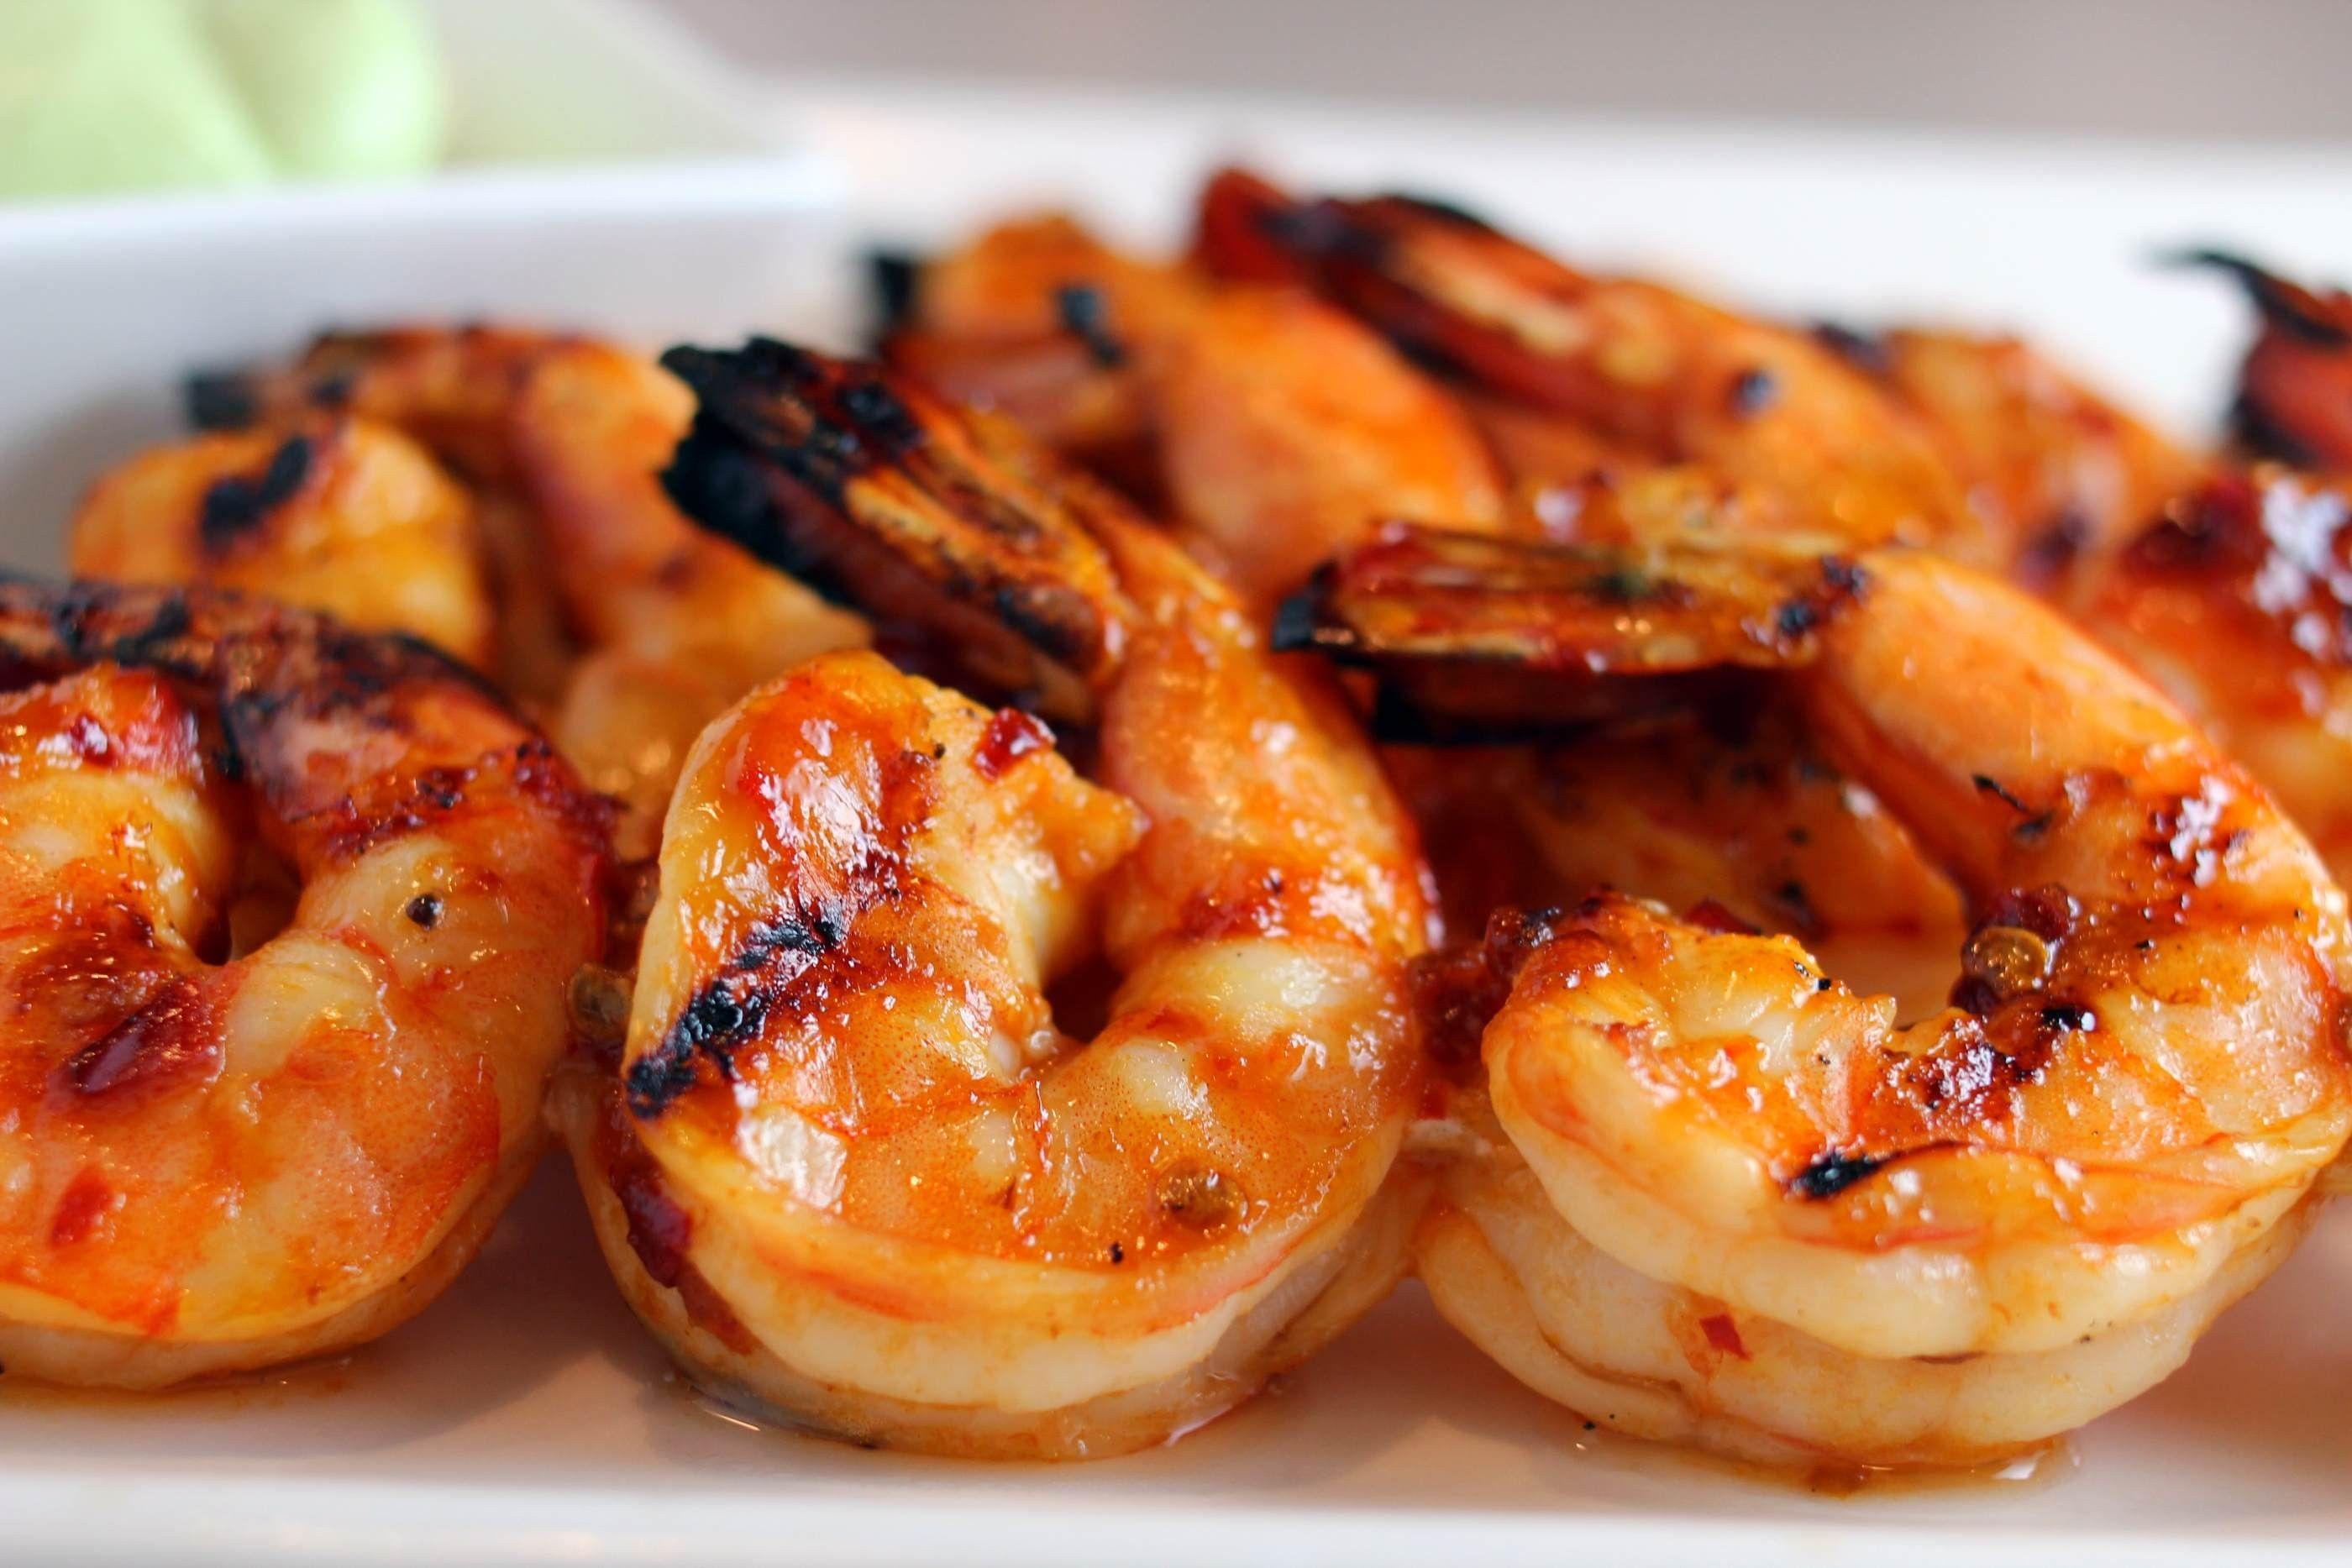 Old Bay & Garlic Grilled Shrimp #grilledshrimp